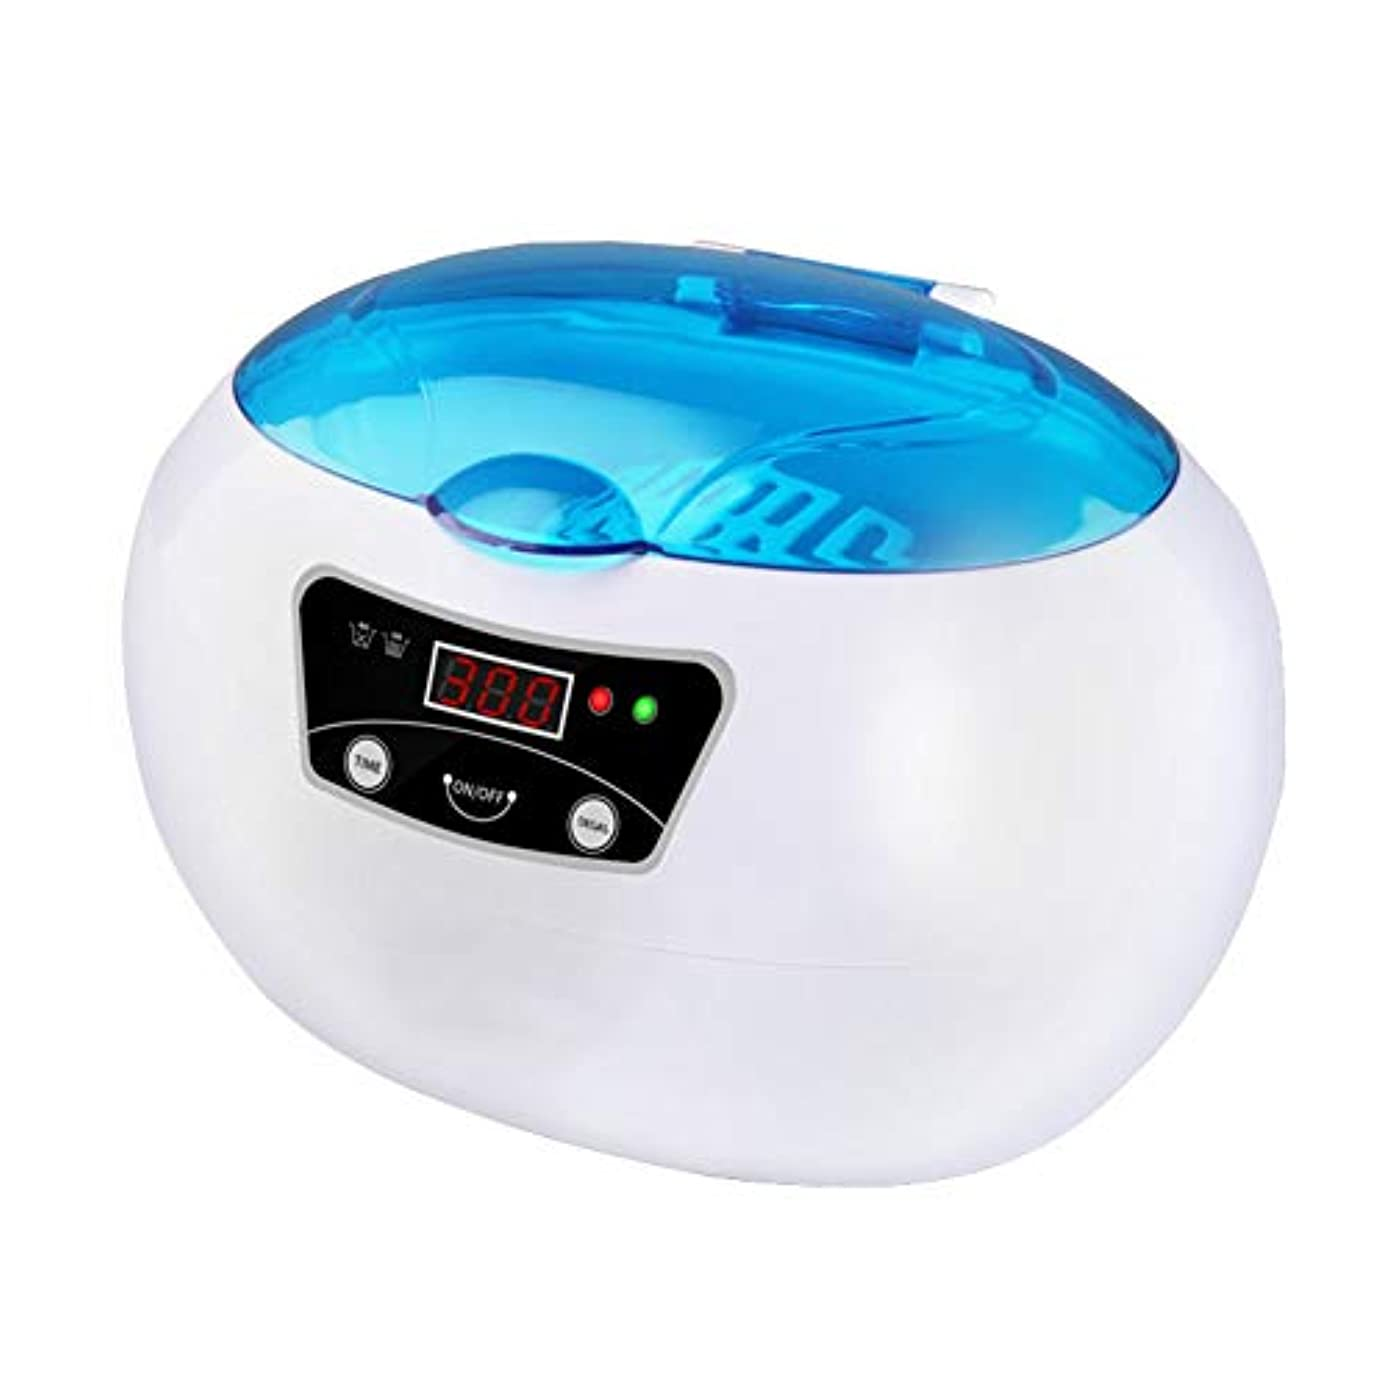 雪性交援助滅菌器ネイルアートネイル滅菌器マニキュア機消毒滅菌器ボックスネイルツールネイルサロン超音波クリーナー,ブルー